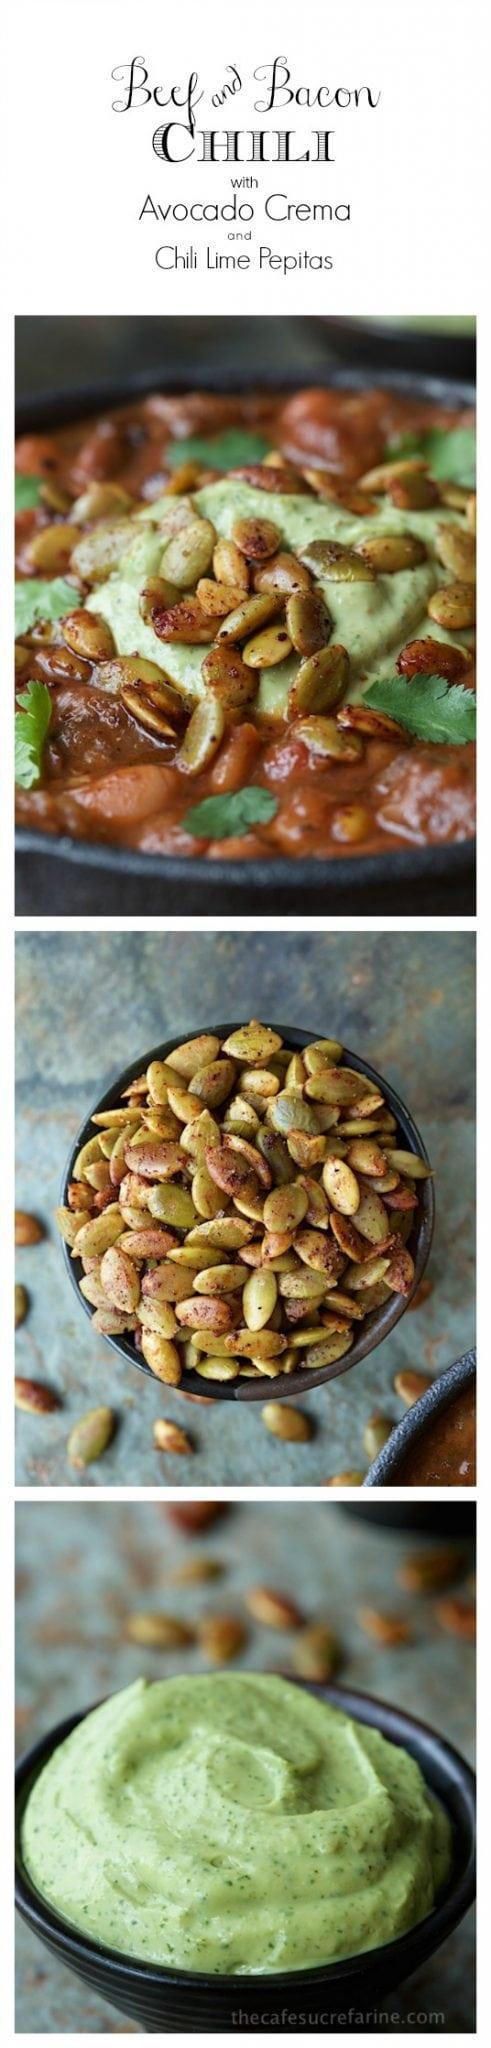 Collage photos of Beef and Bacon Chili, Chili Lime Pepitas and Avocado Crema.